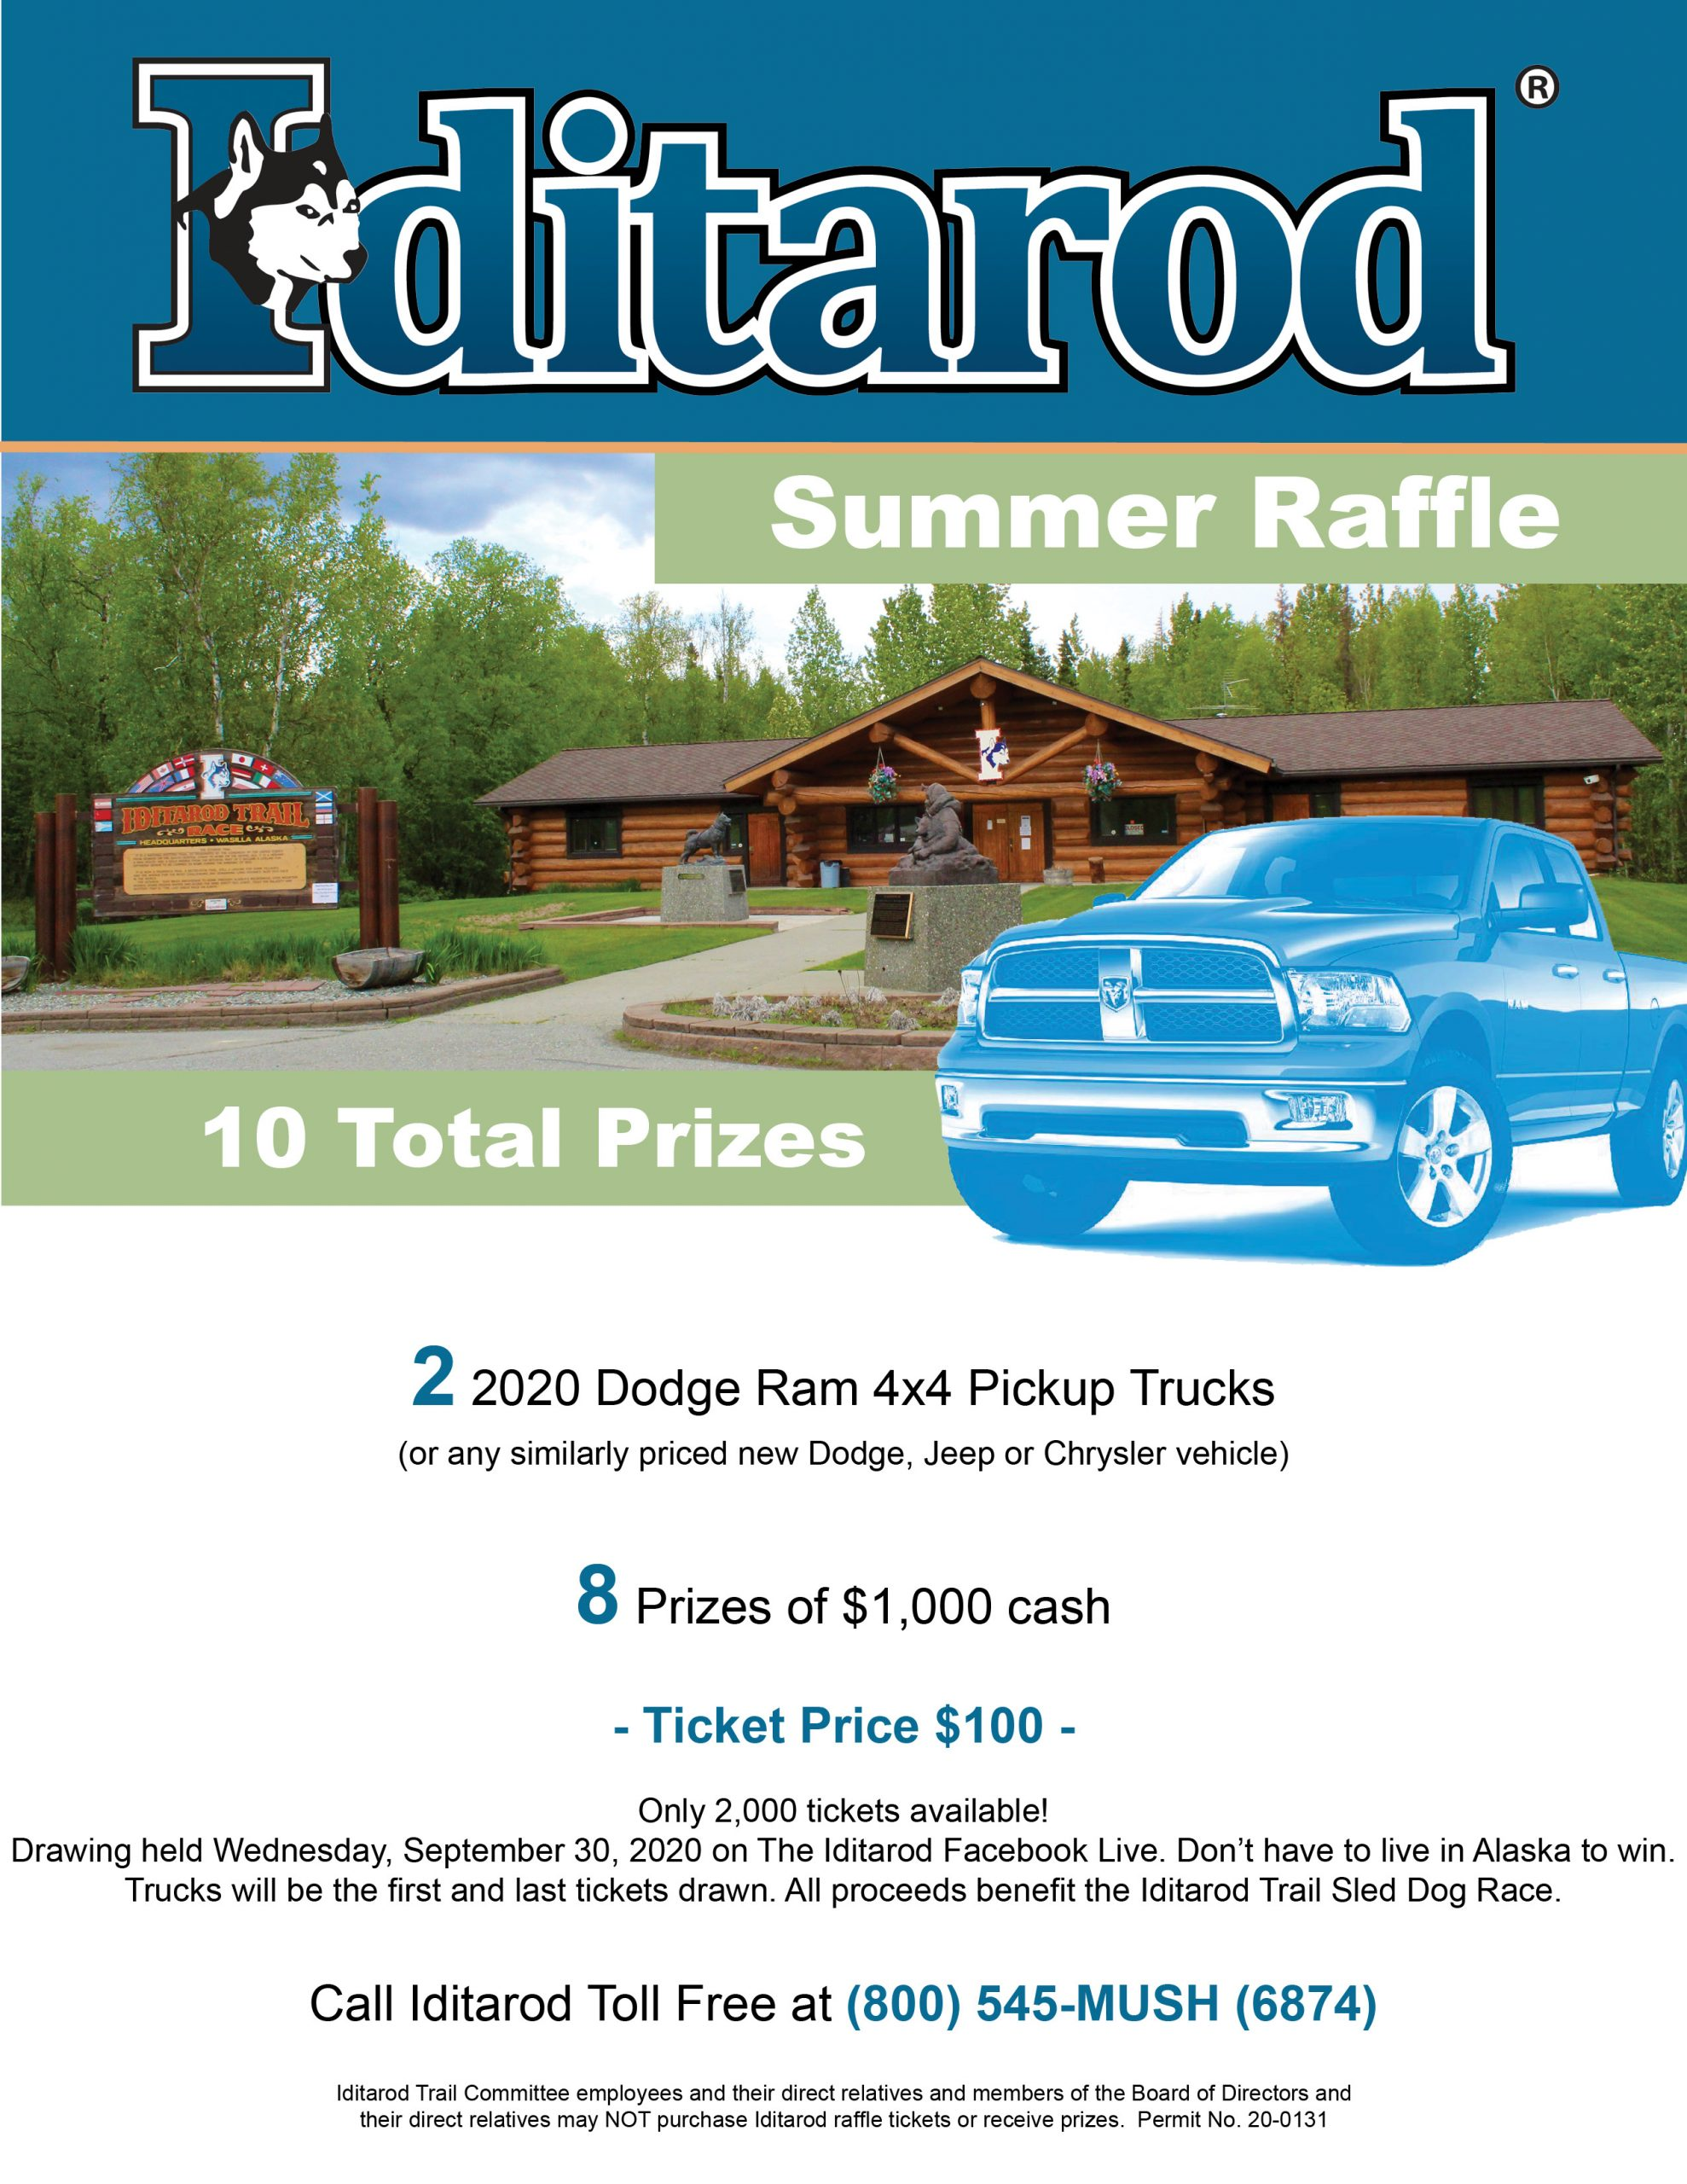 2020 Iditarod Summer Raffle Flyer